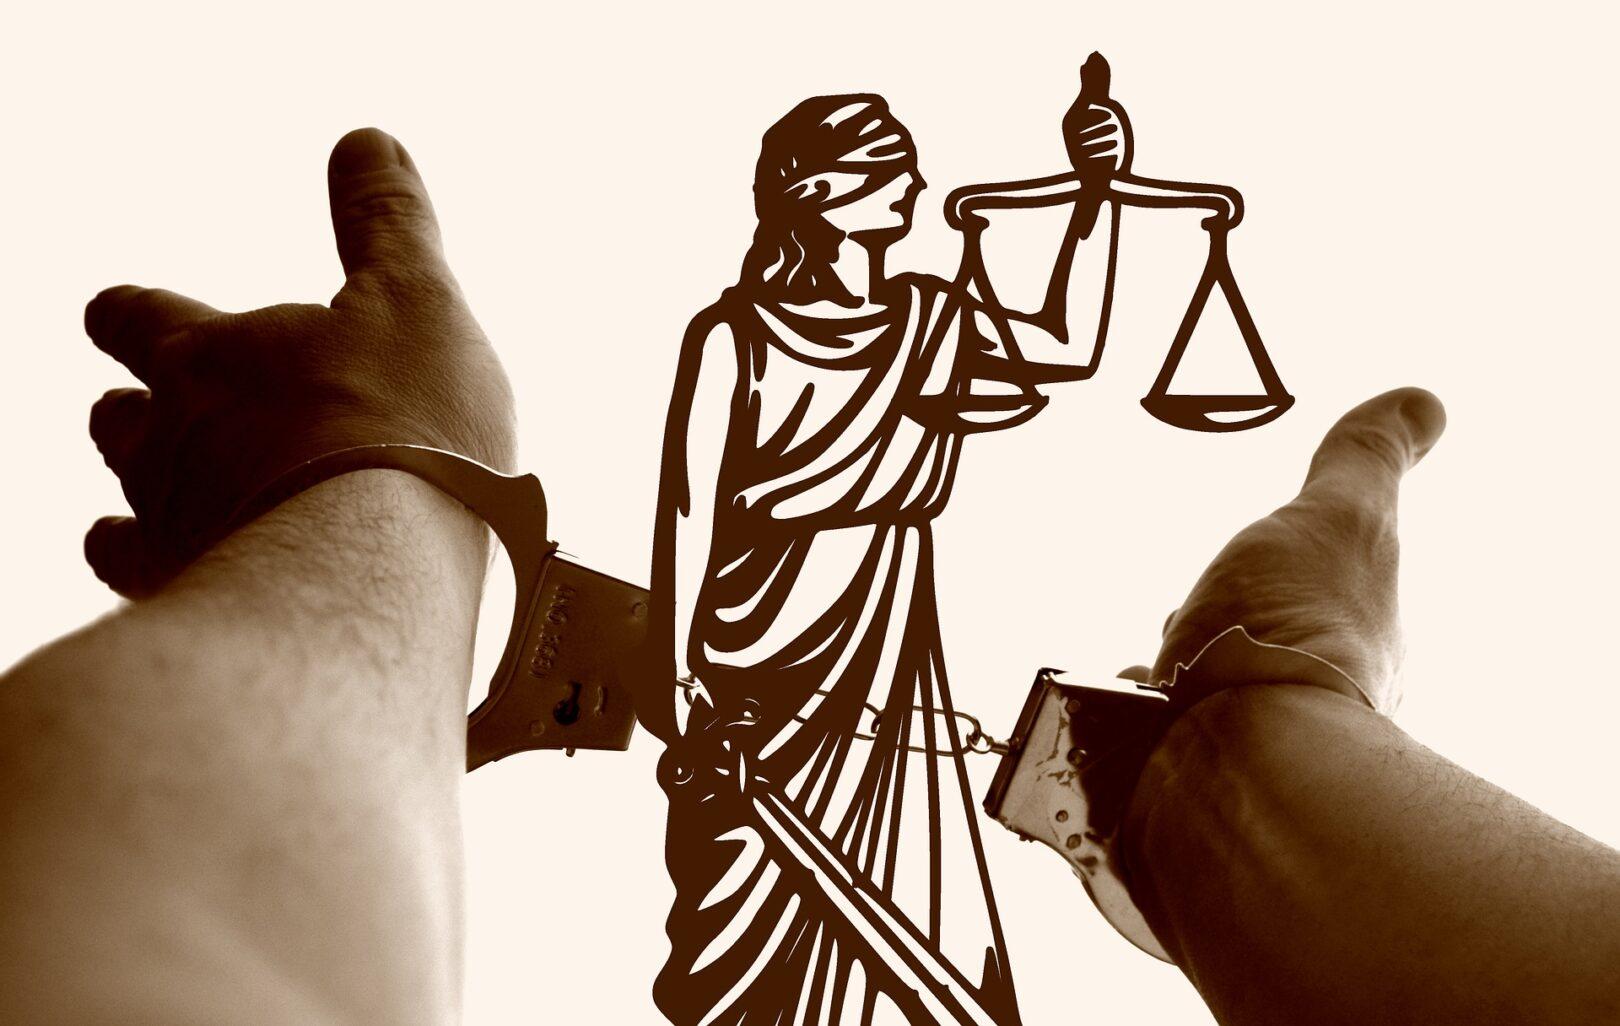 Najpogosteje se Slovenija znajde v tožbi zaradi zamud pri izvajanju direktiv in zaradi kršenja človekovih pravic zapornikov. Najbolj odmevne izgubljene tožbe so vsekakor zgodba o teranu, arbitraži, NLB in izbrisanih.